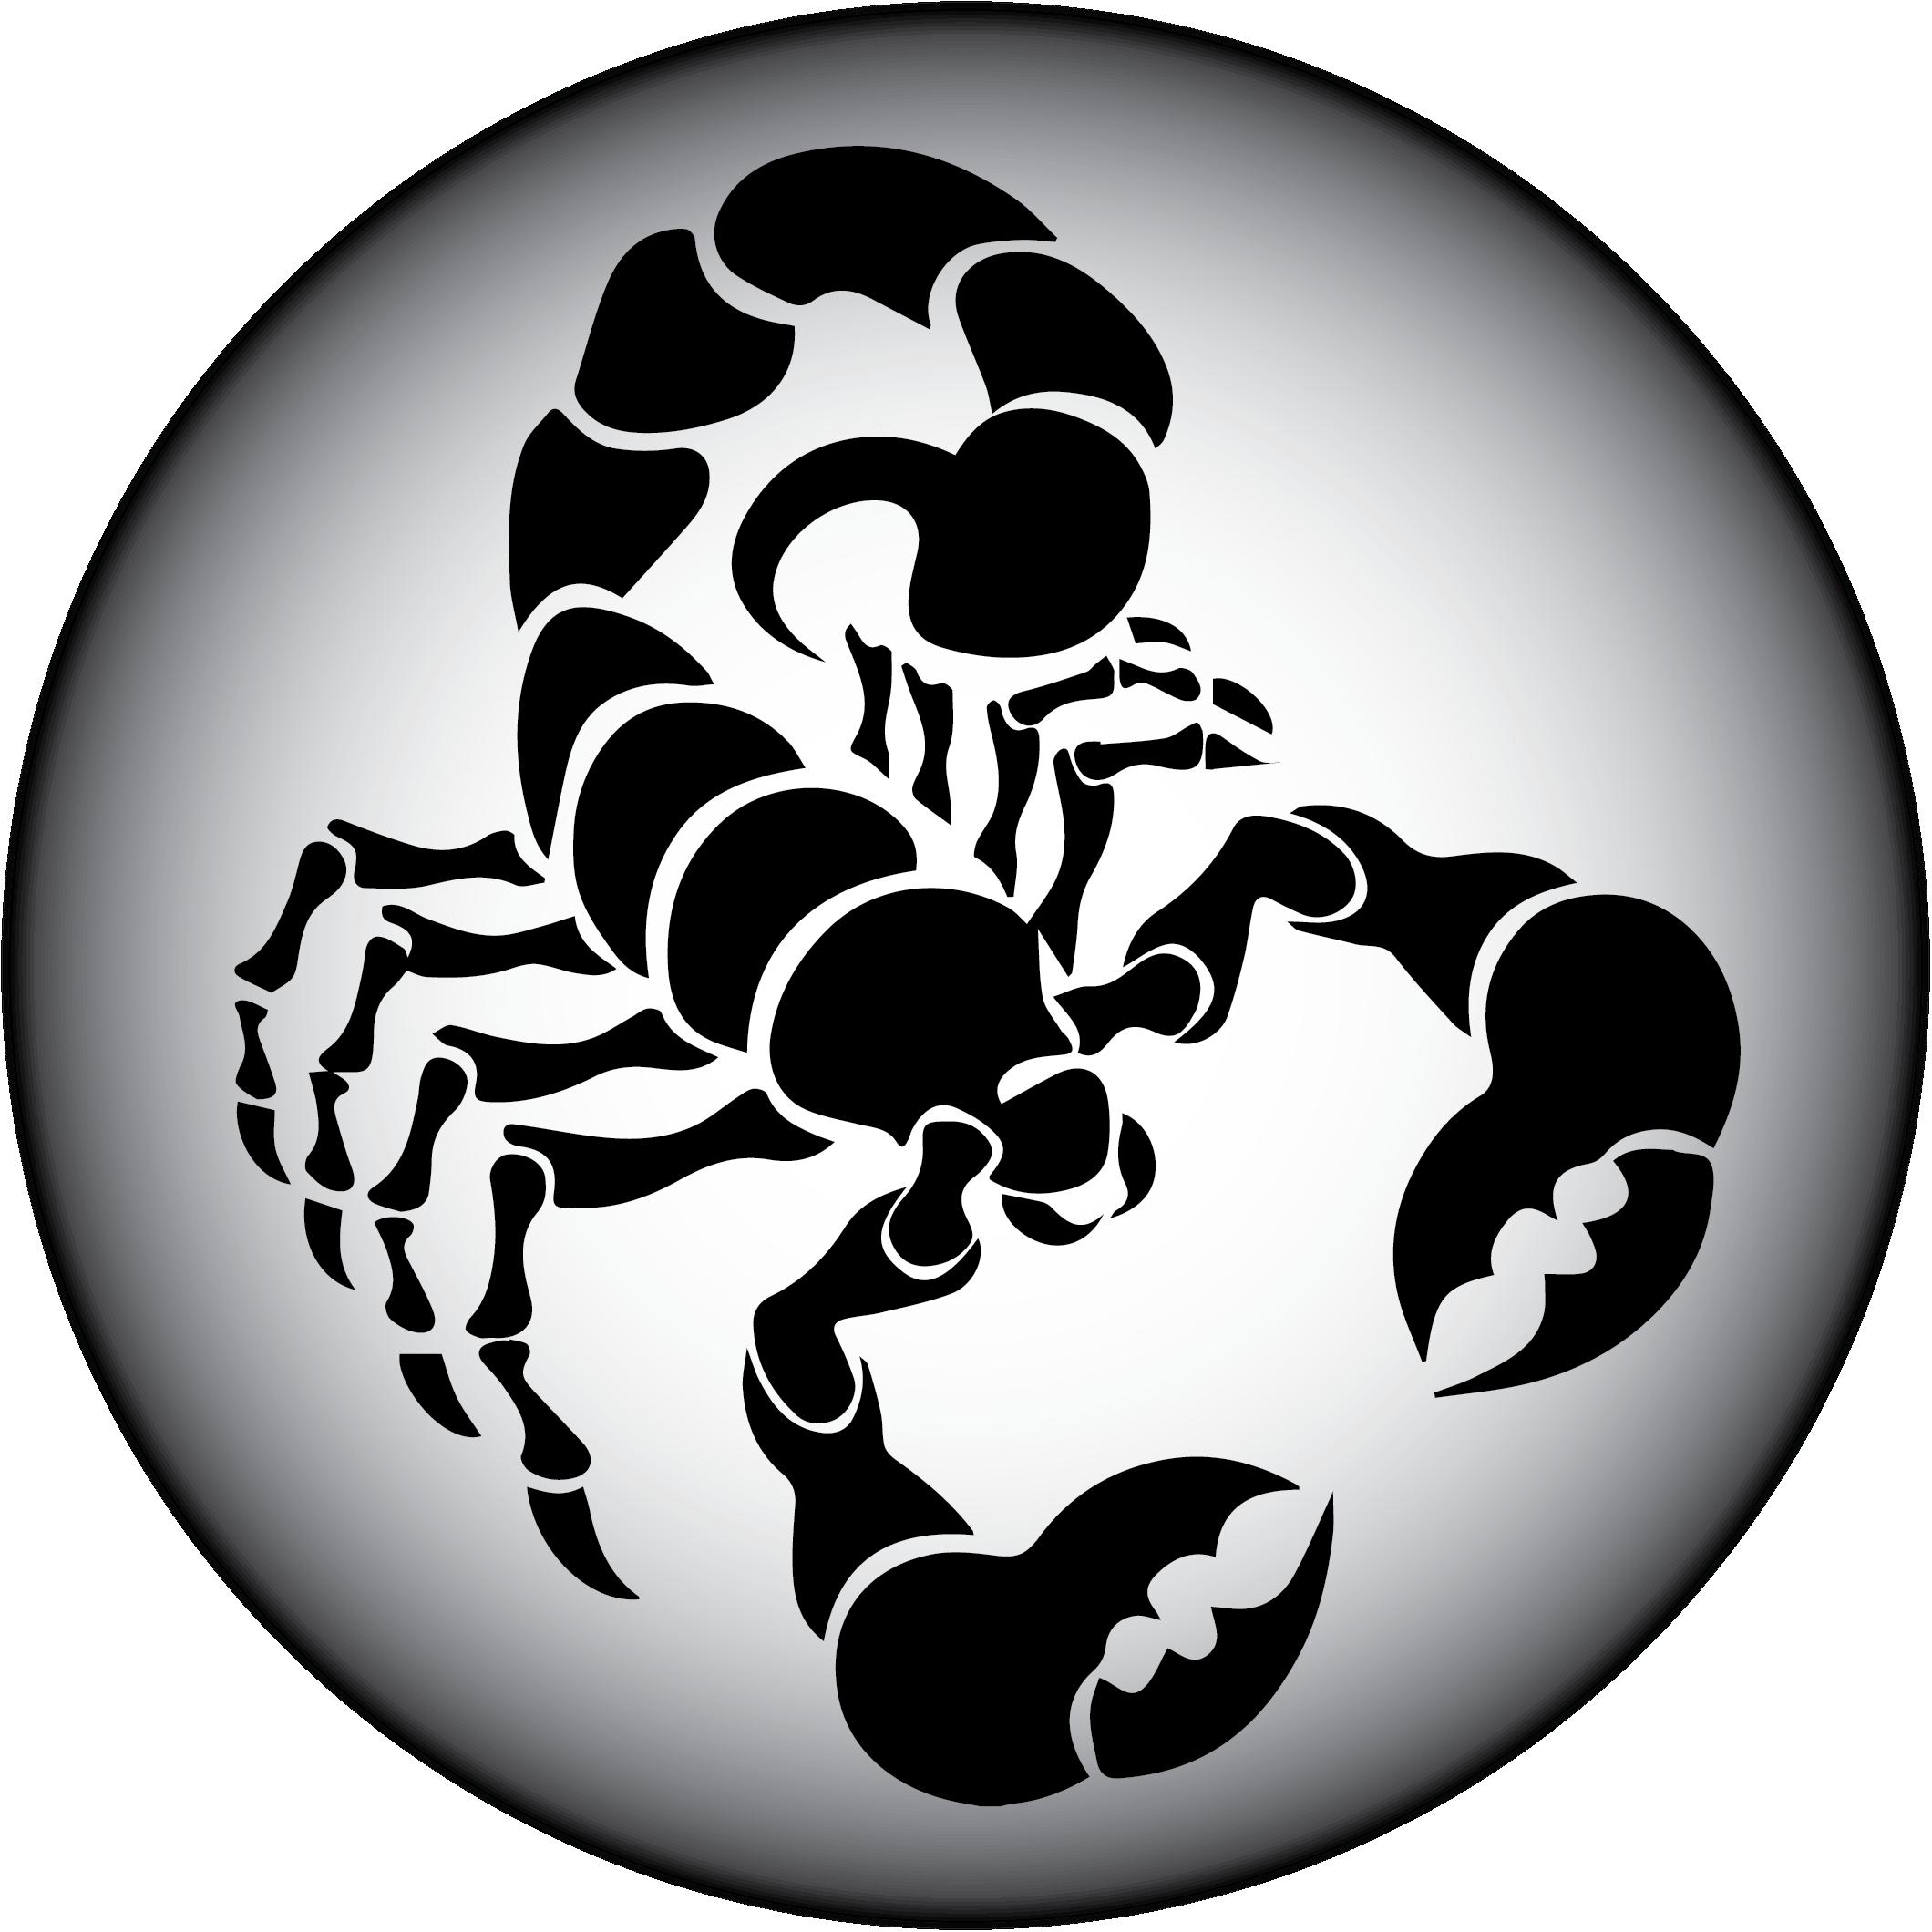 ScorpioPNGImage.png (2120×2120) Scorpio, Scorpion